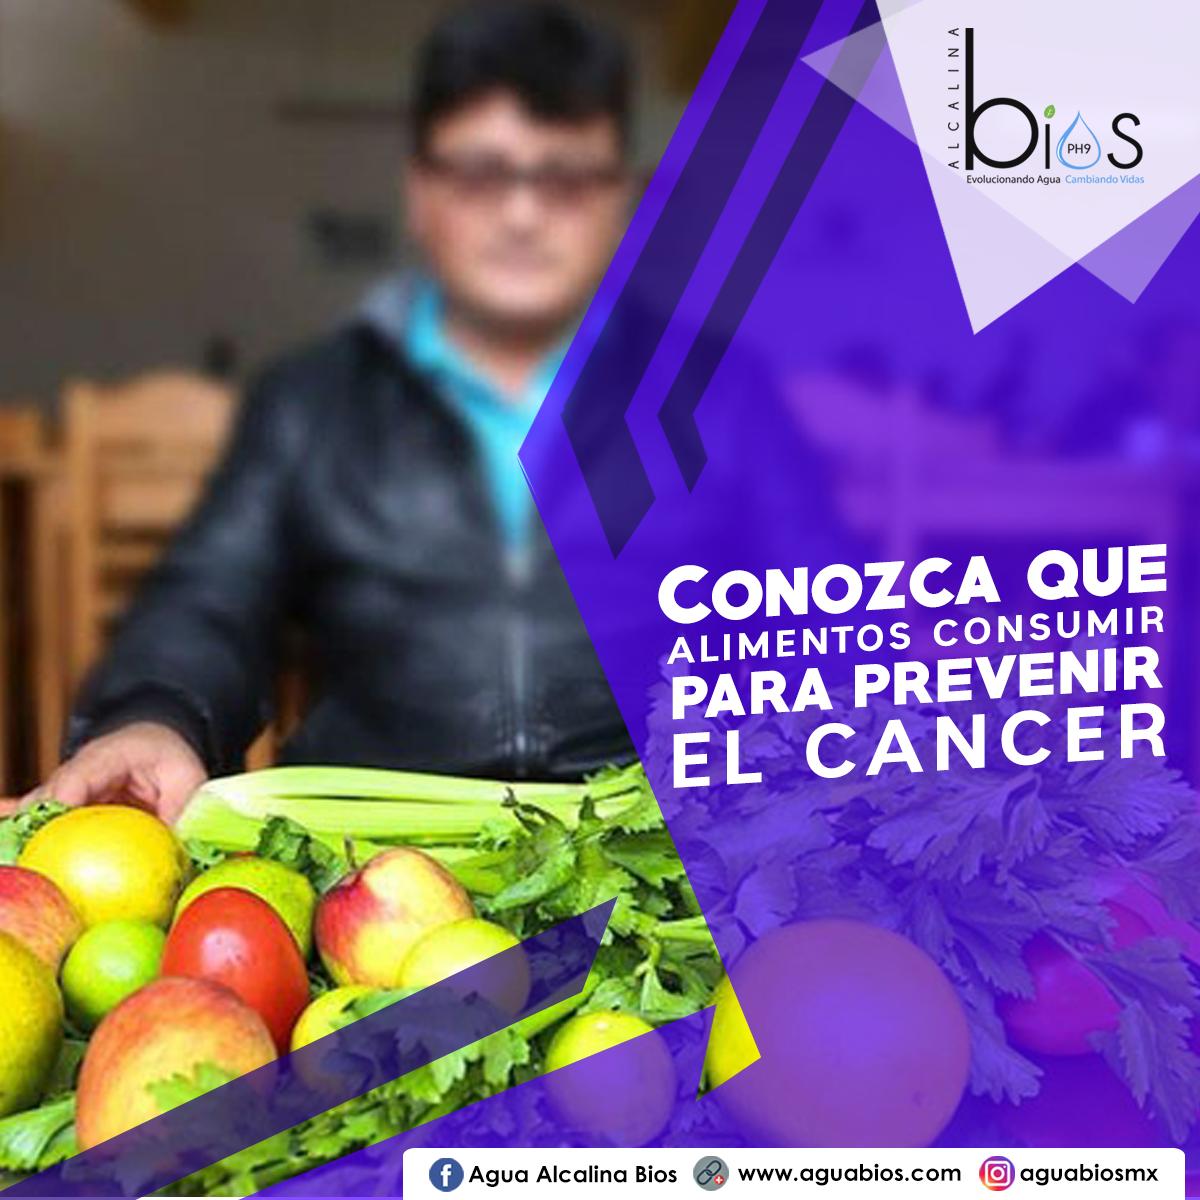 Conozca qué alimentos consumir para prevenir el cáncer